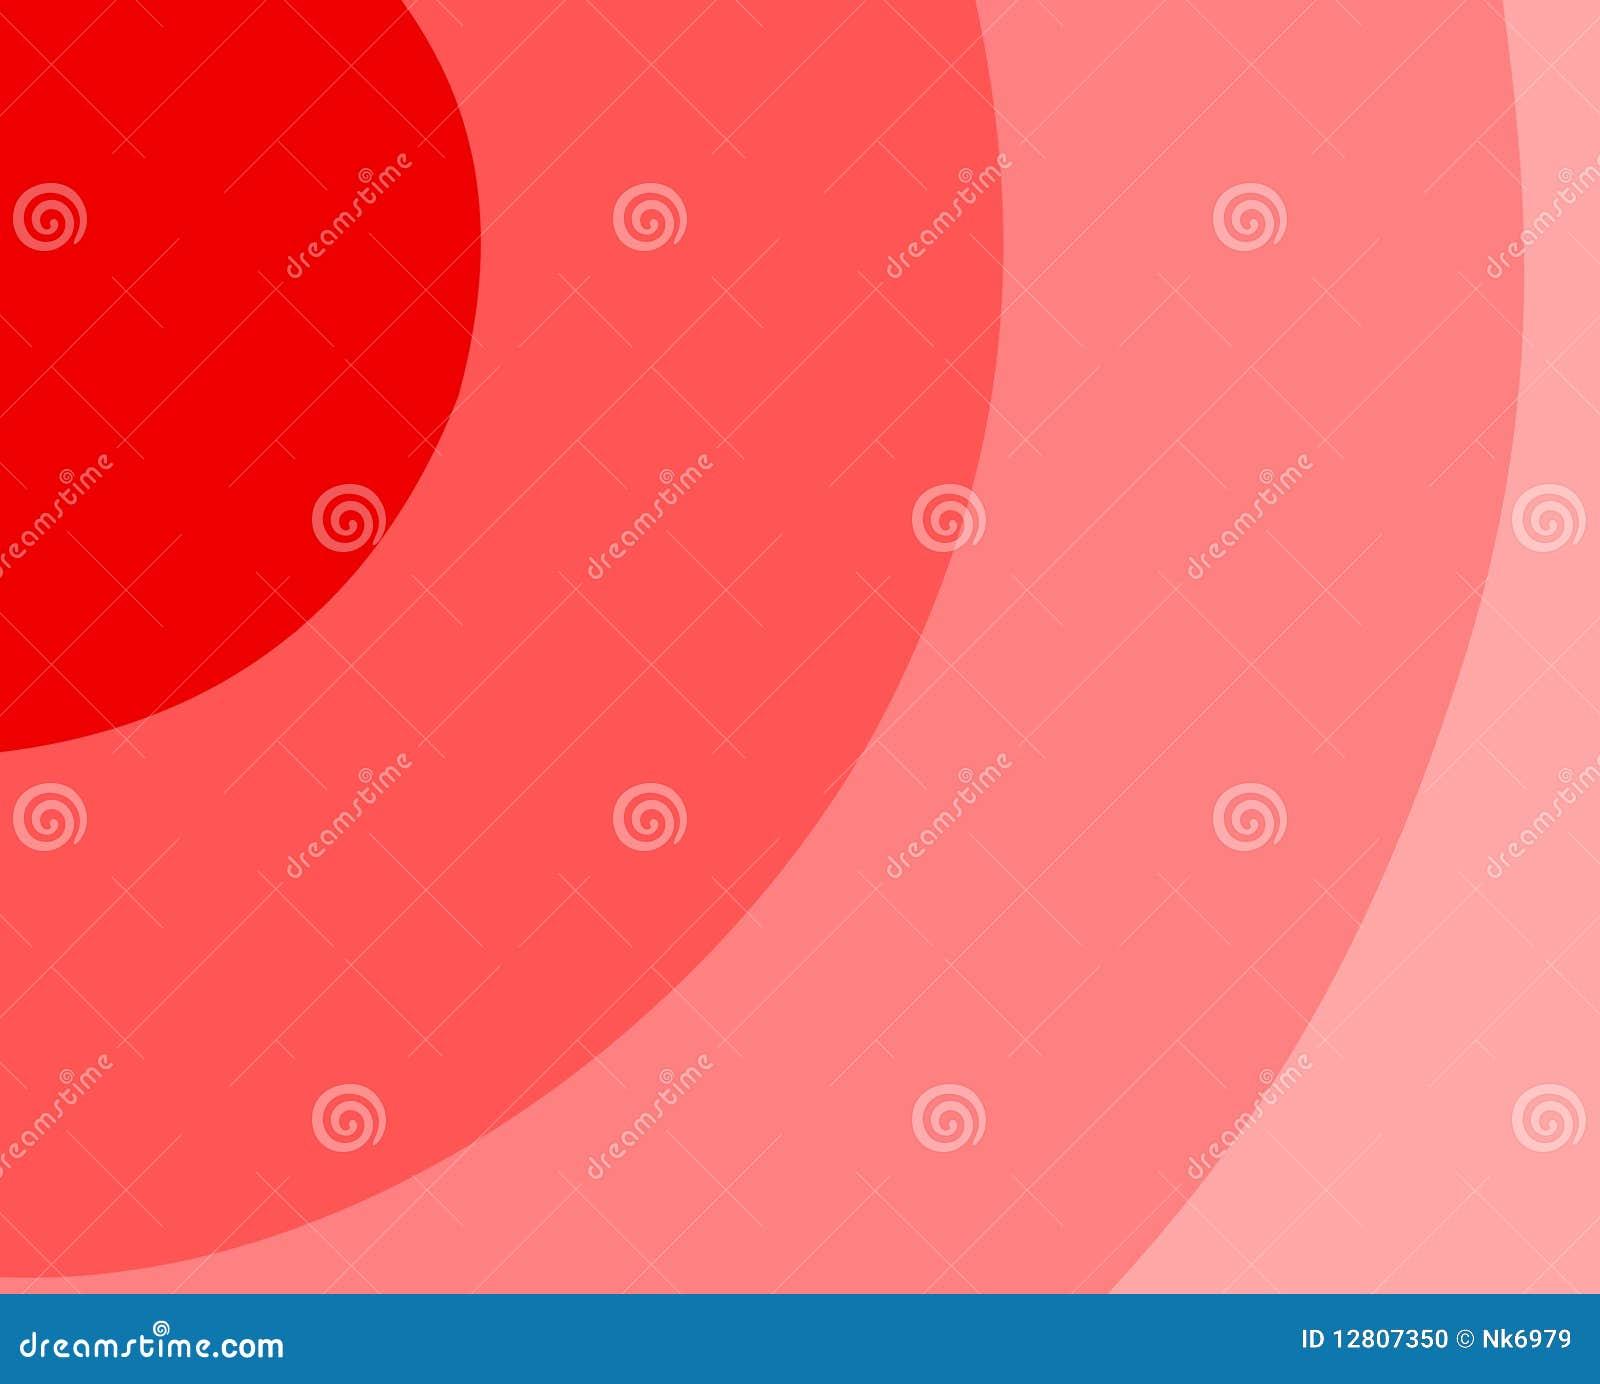 Fundo vermelho com espiral